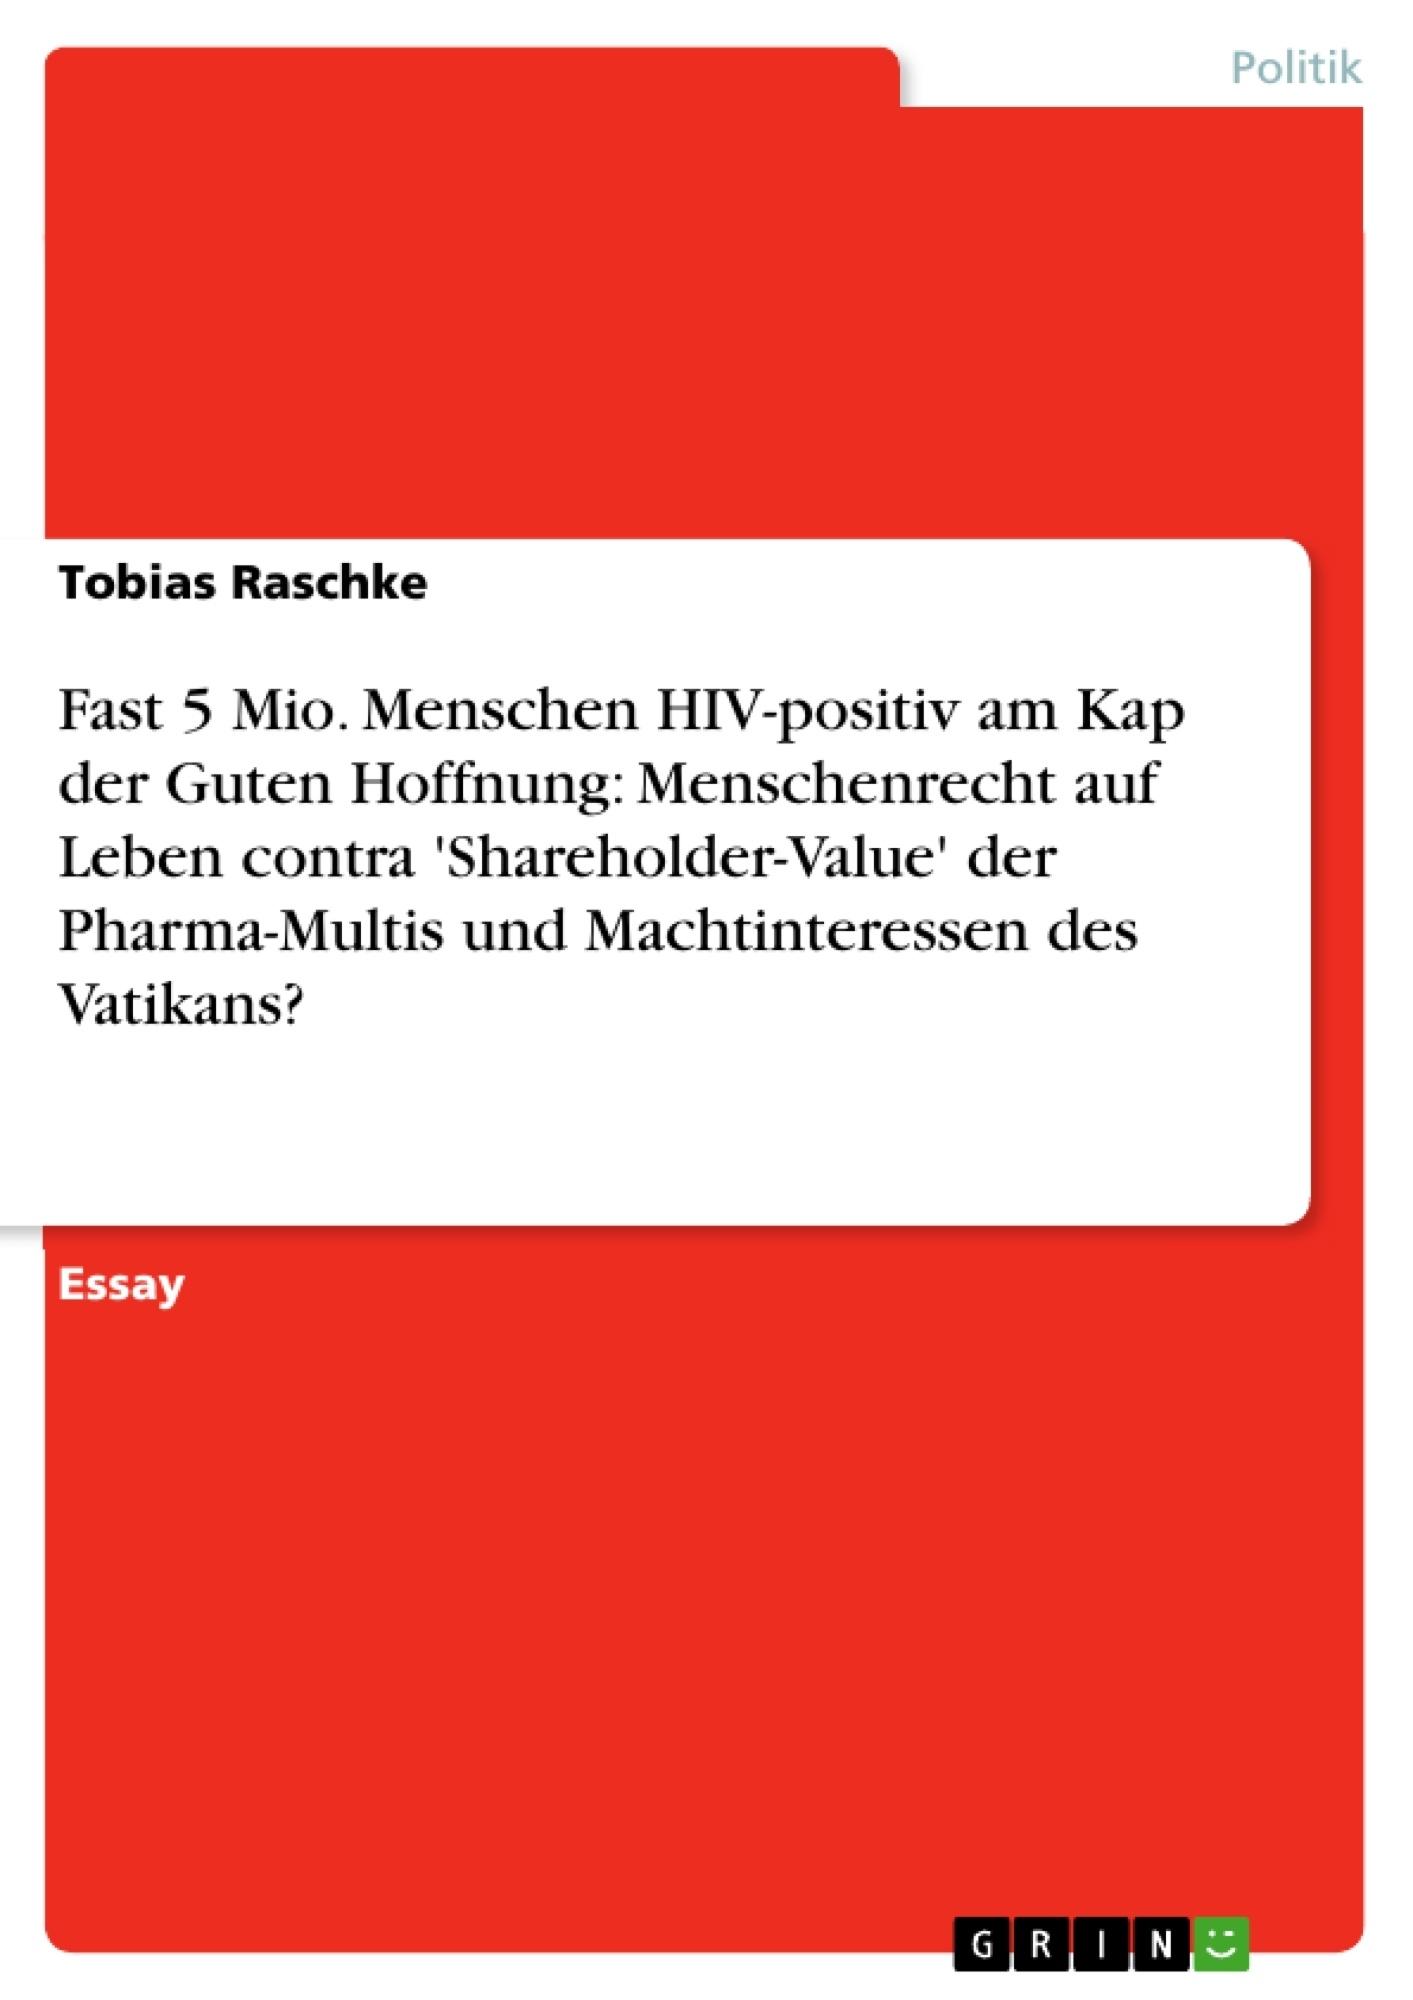 Titel: Fast 5 Mio. Menschen HIV-positiv am Kap der Guten Hoffnung: Menschenrecht  auf Leben contra 'Shareholder-Value' der Pharma-Multis und Machtinteressen des Vatikans?